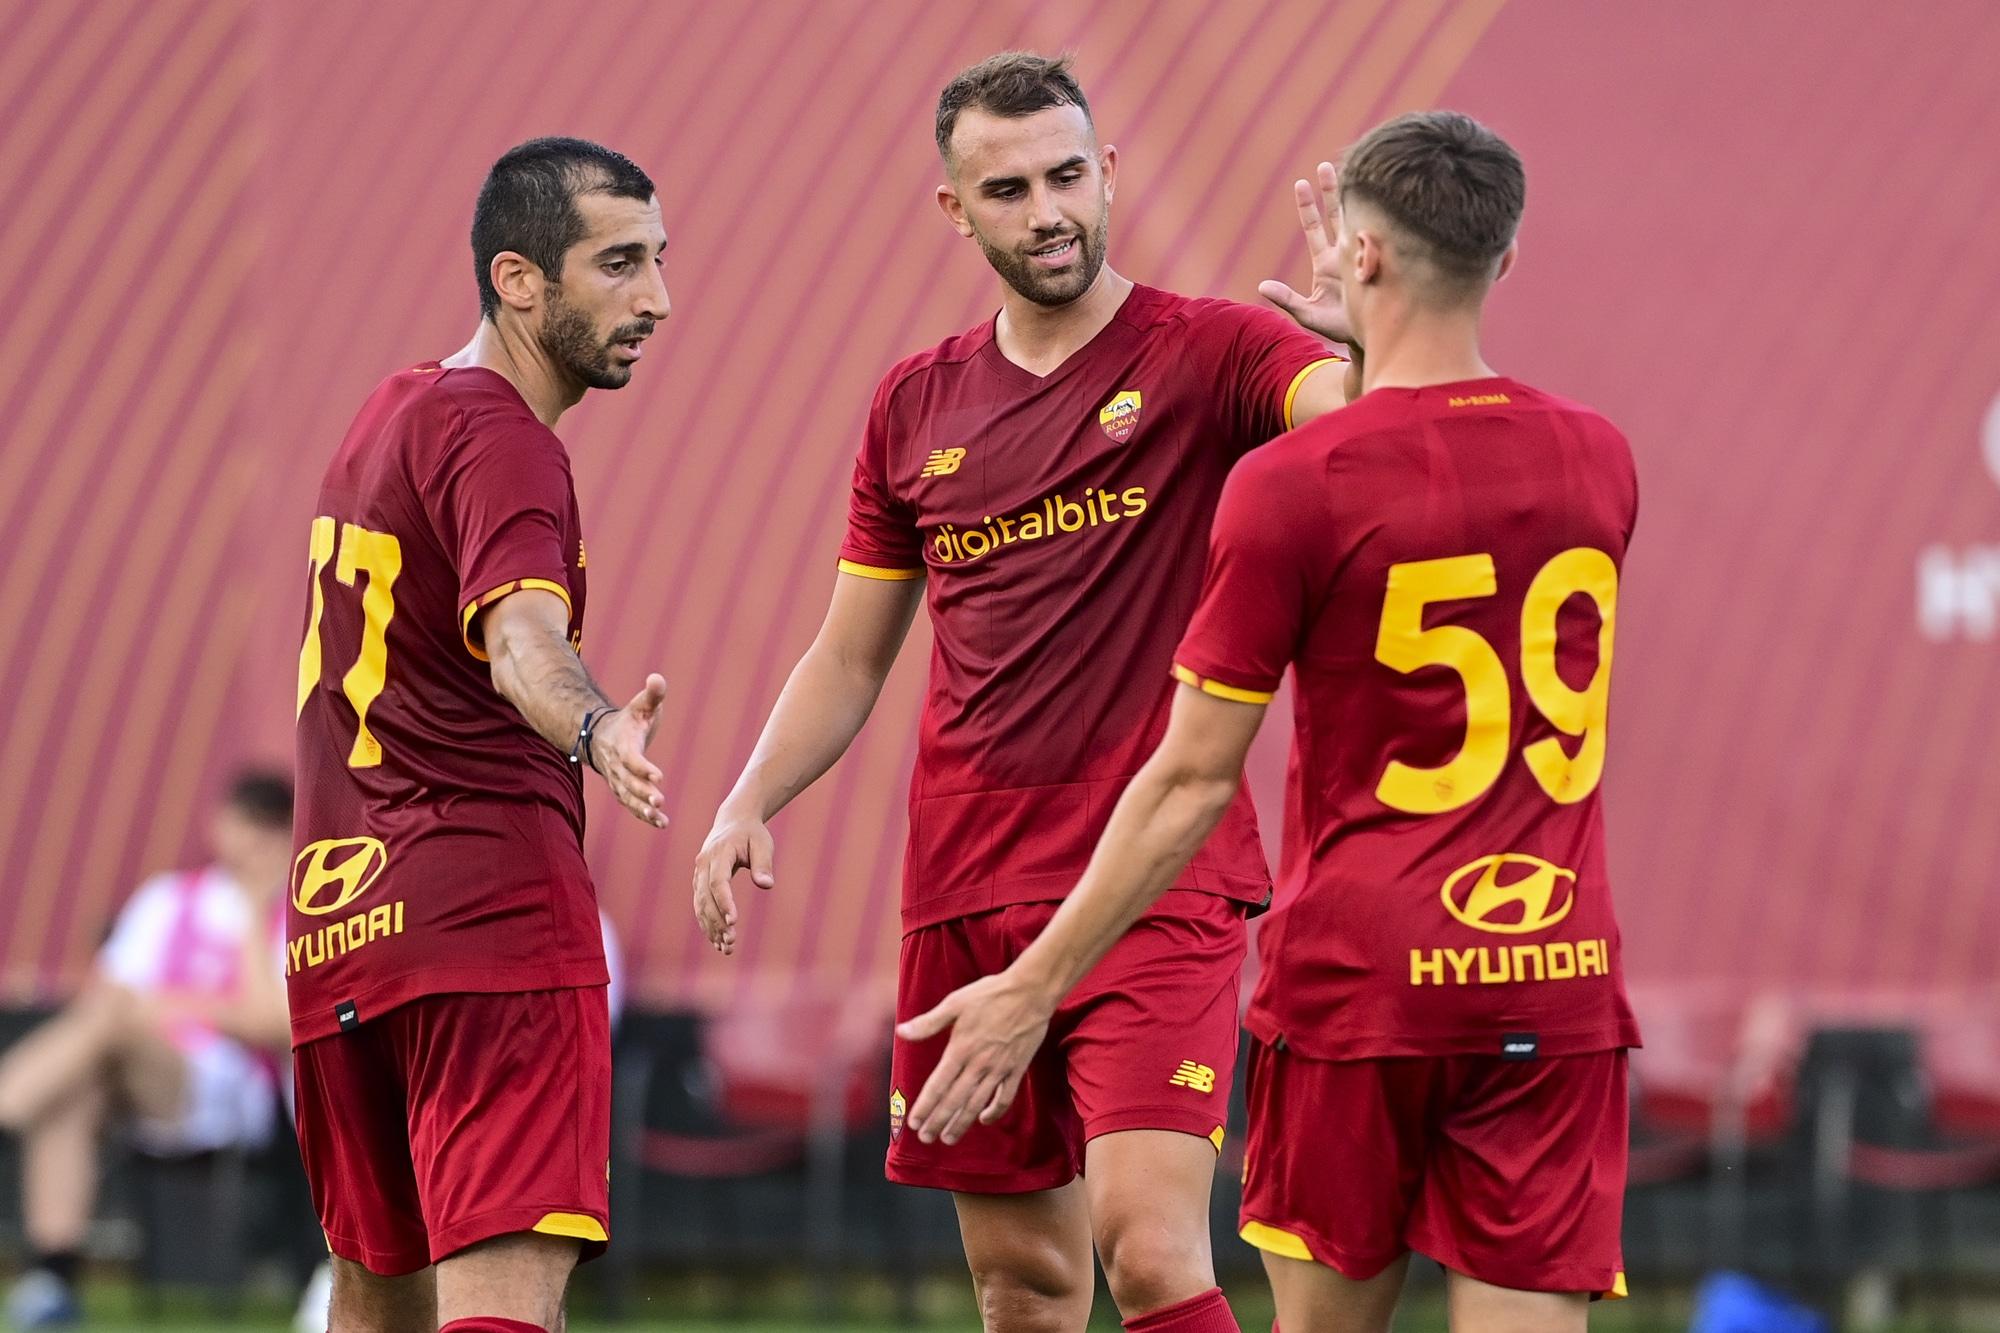 Roma-Montecatini 10-0: Zaniolo in gol nella prima amichevole di Mourinho